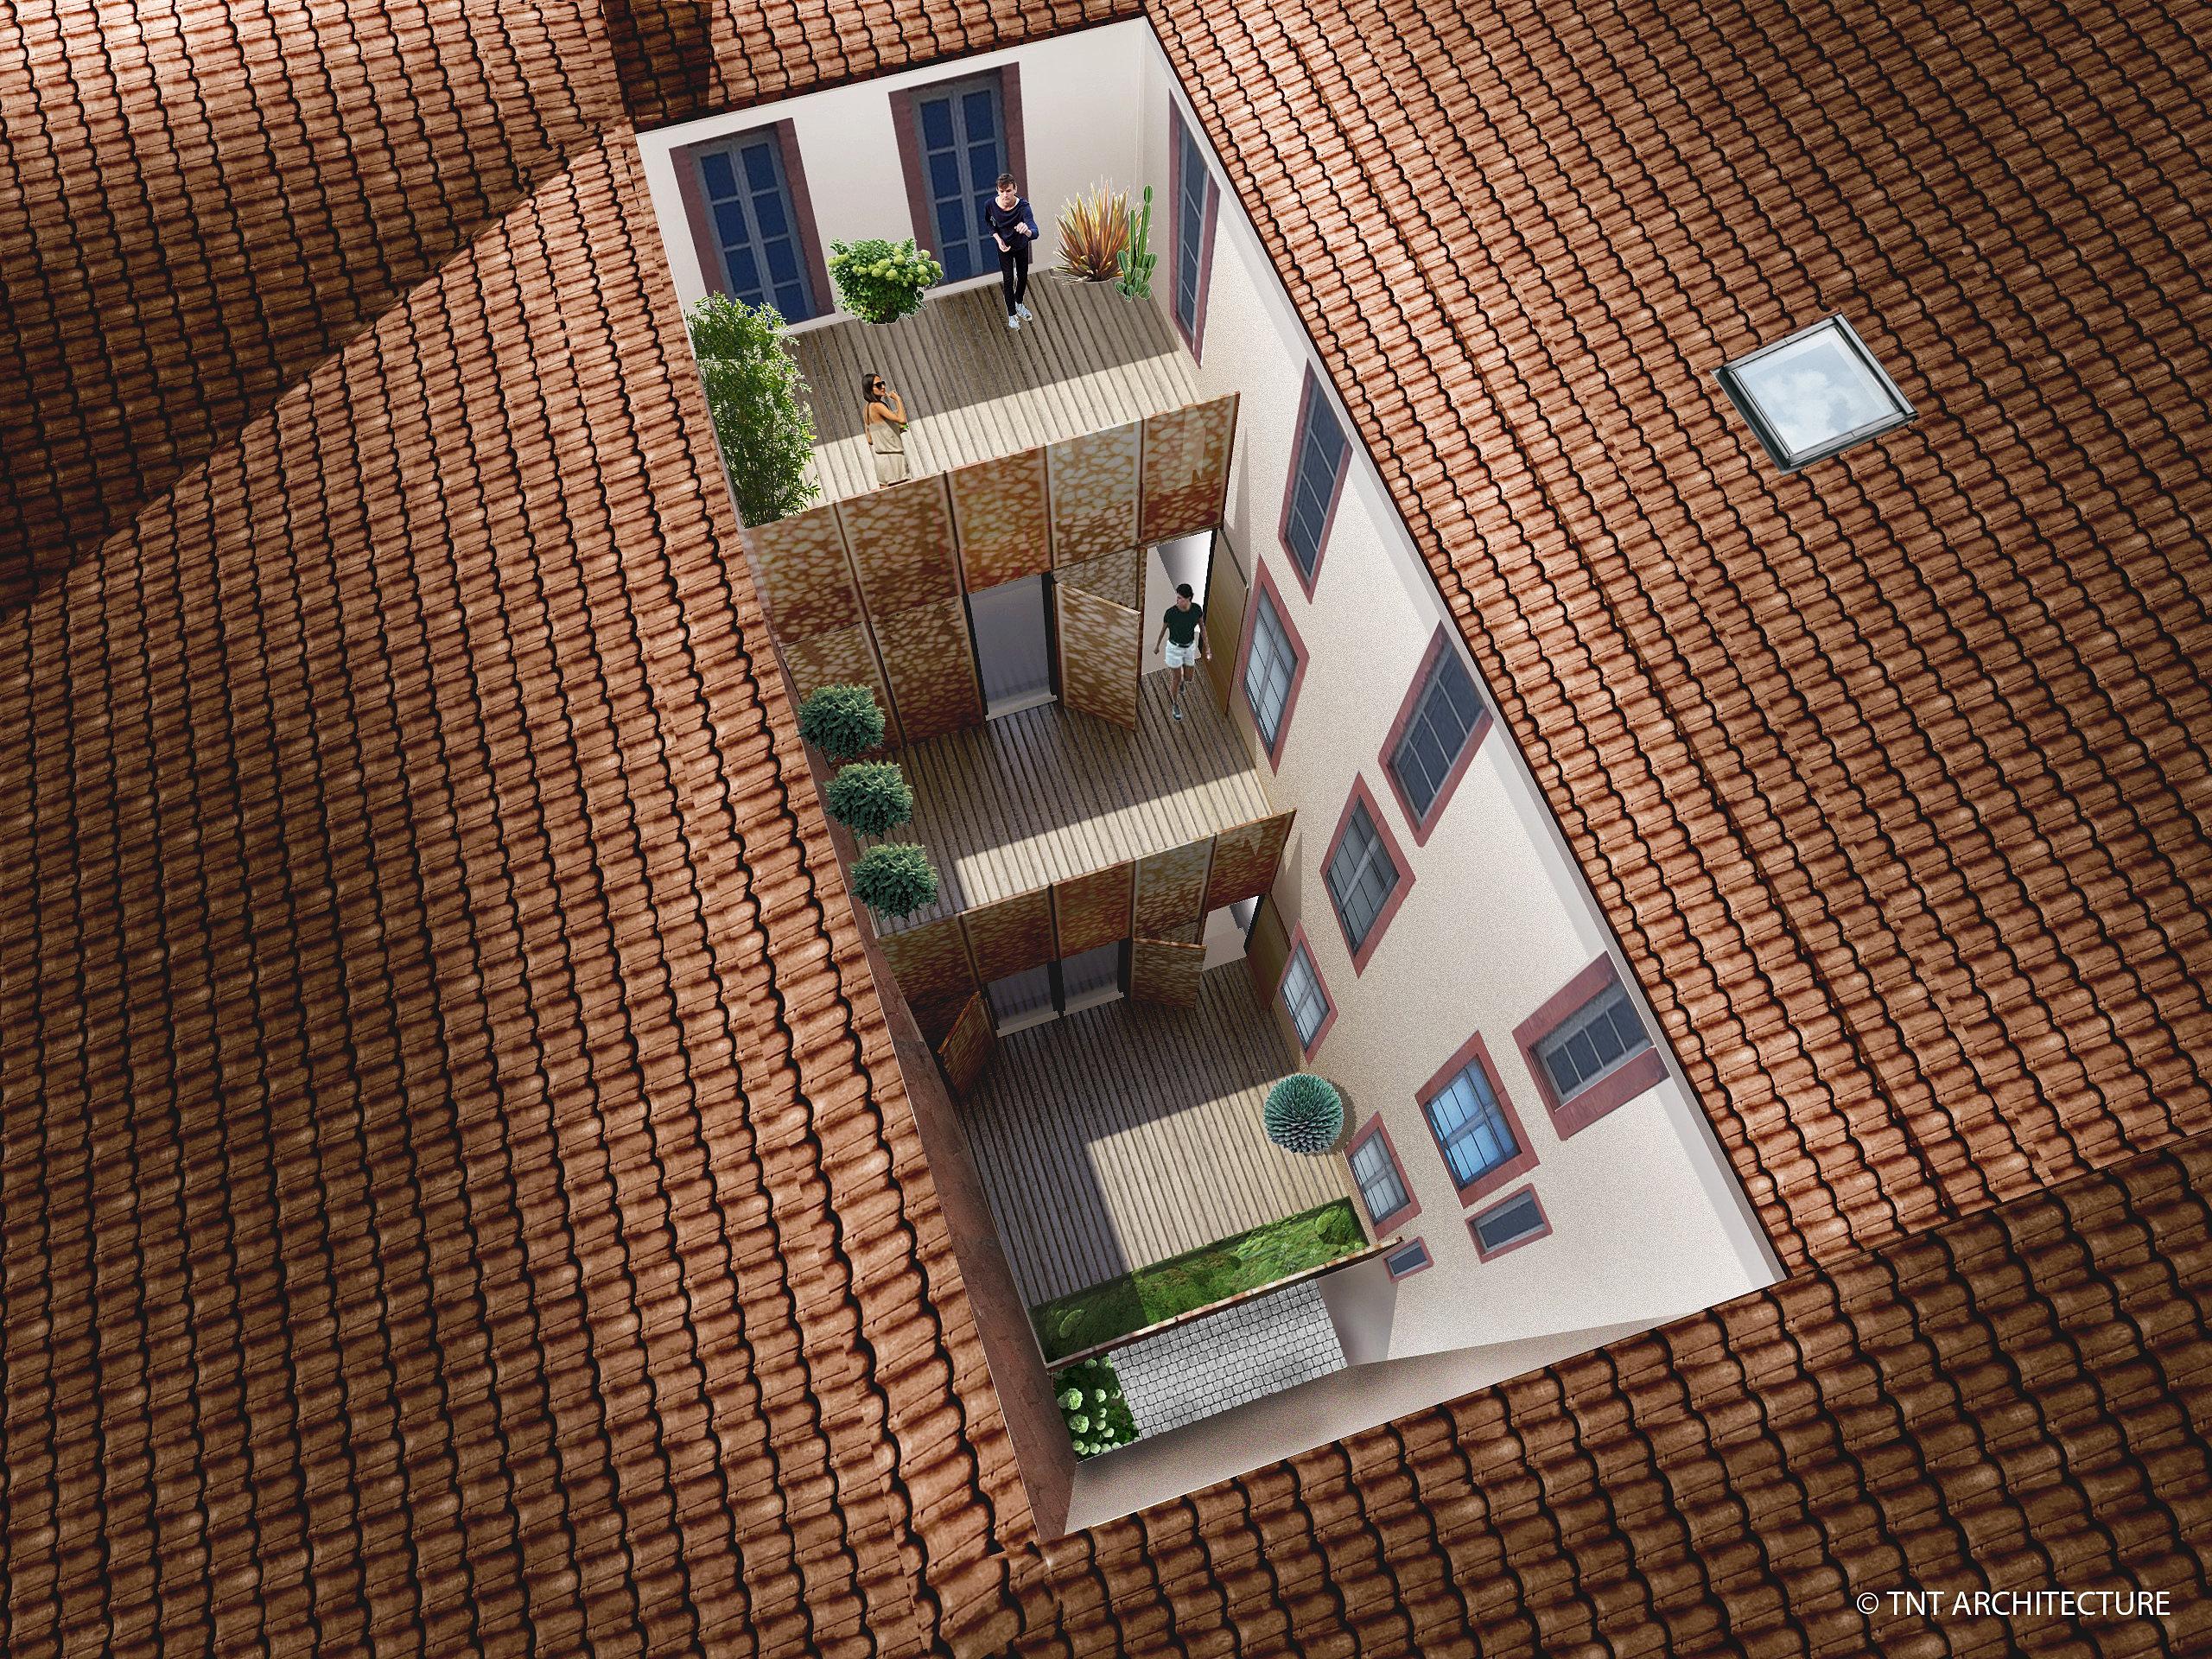 officine tnt architecture architecte dplg paris. Black Bedroom Furniture Sets. Home Design Ideas